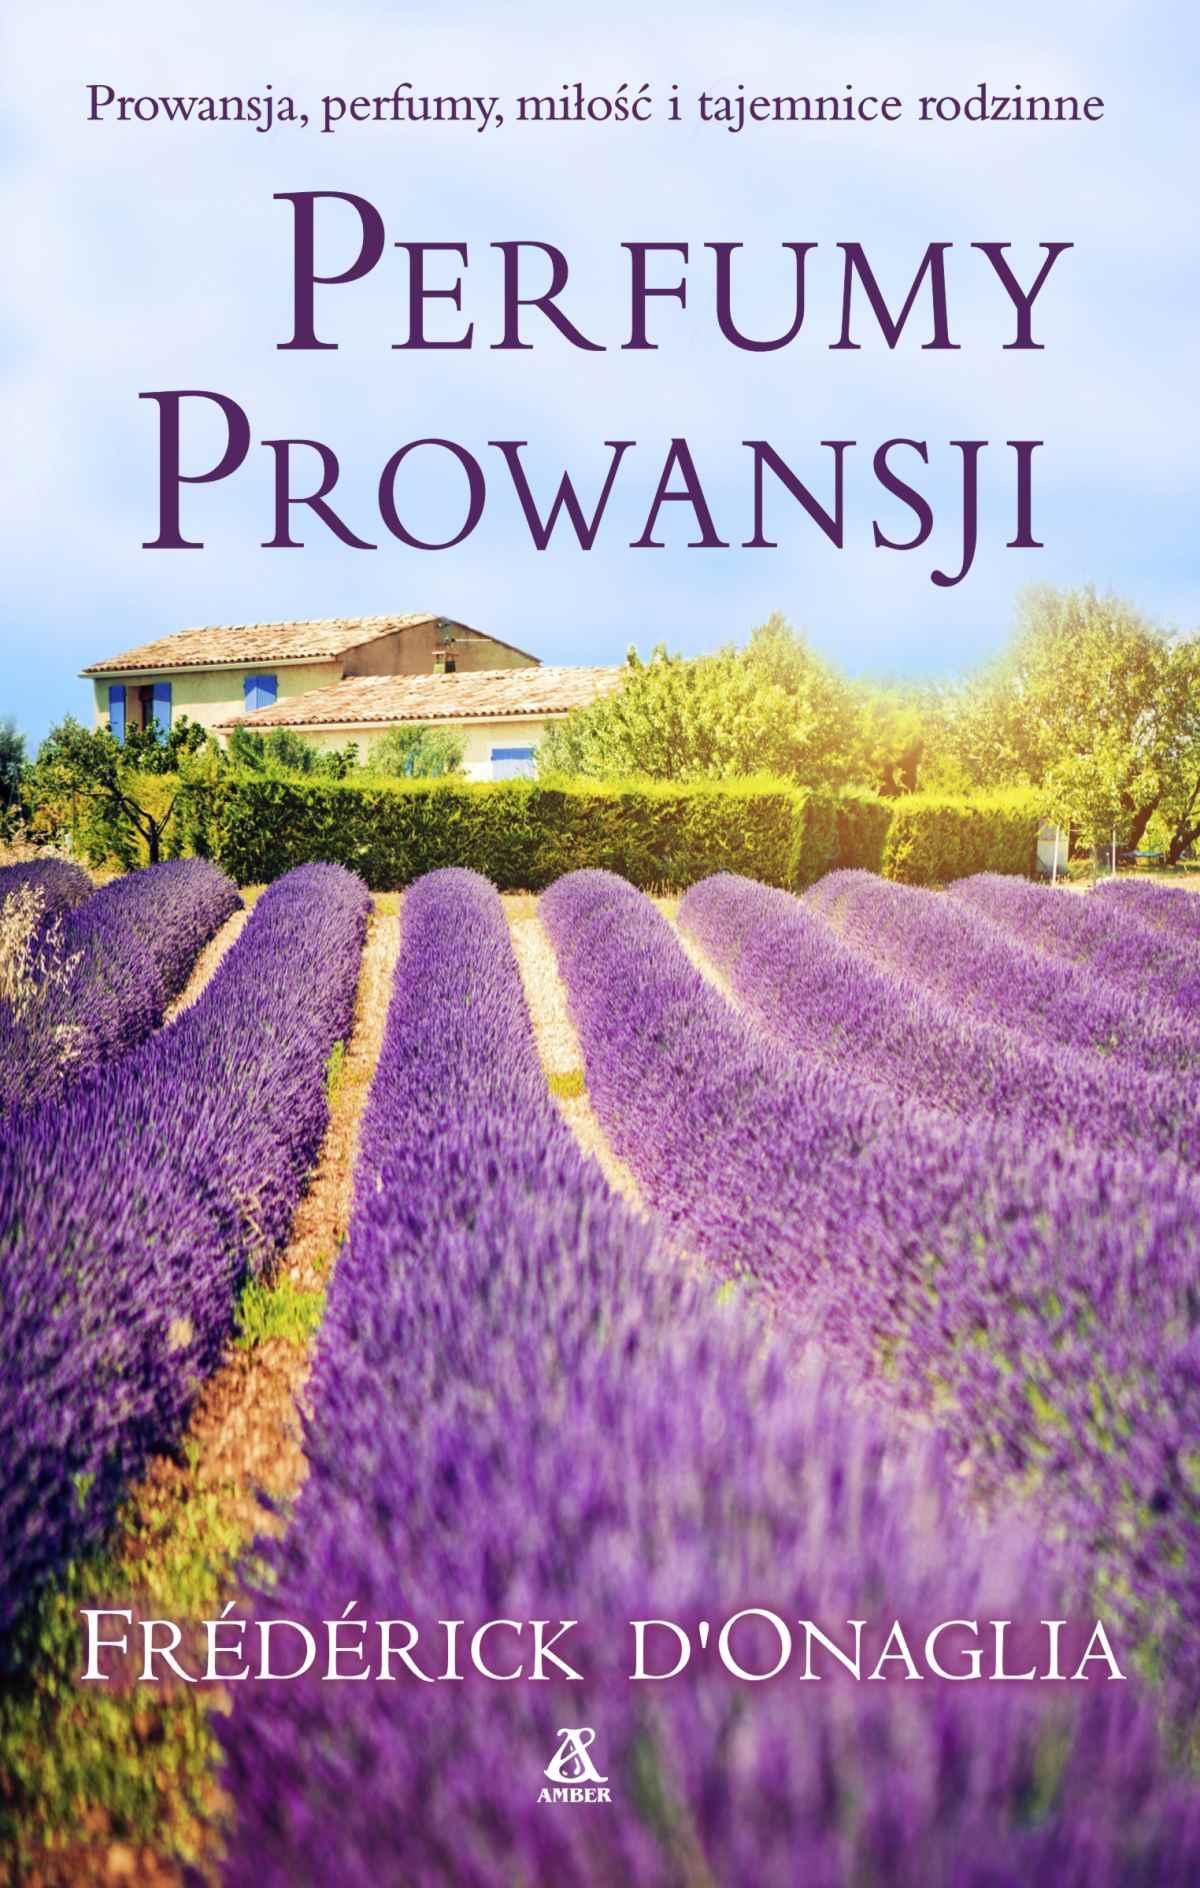 Perfumy Prowansji - Ebook (Książka EPUB) do pobrania w formacie EPUB